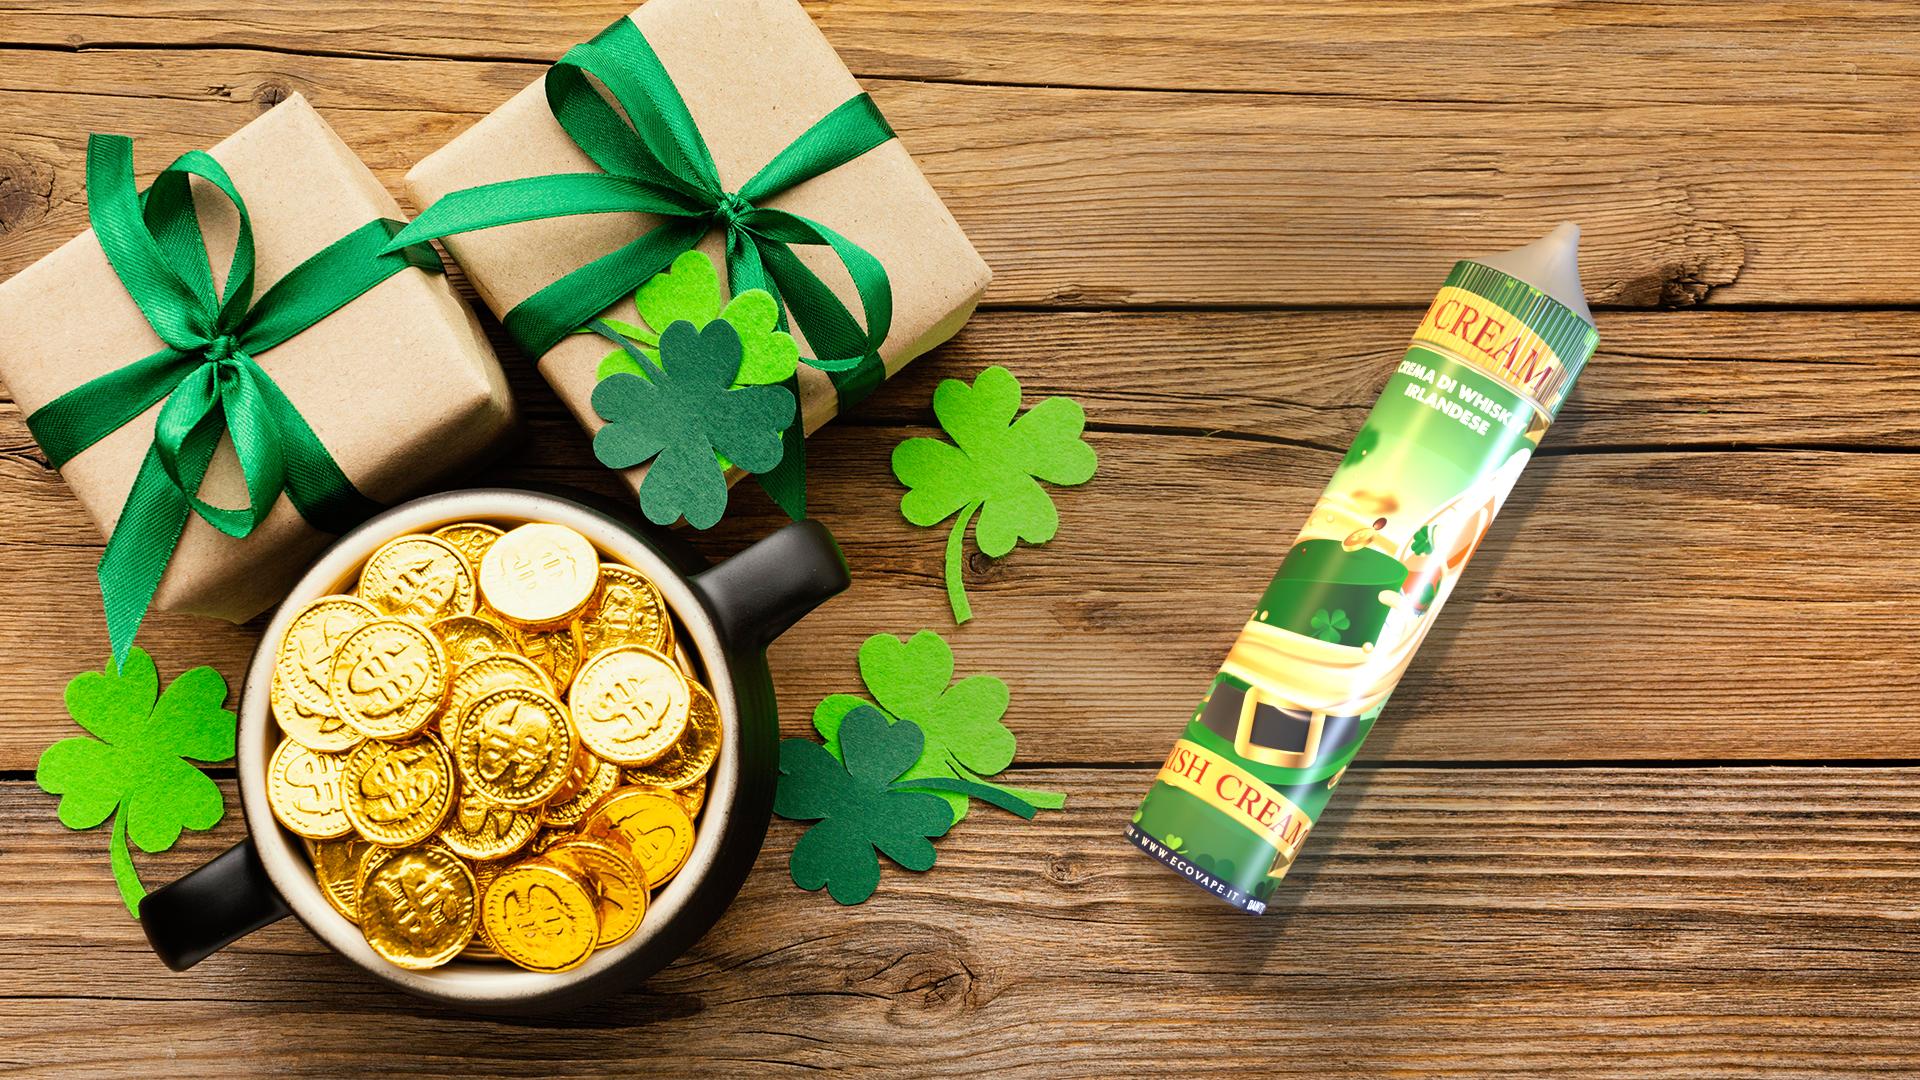 Irish Cream aroma Dainty's